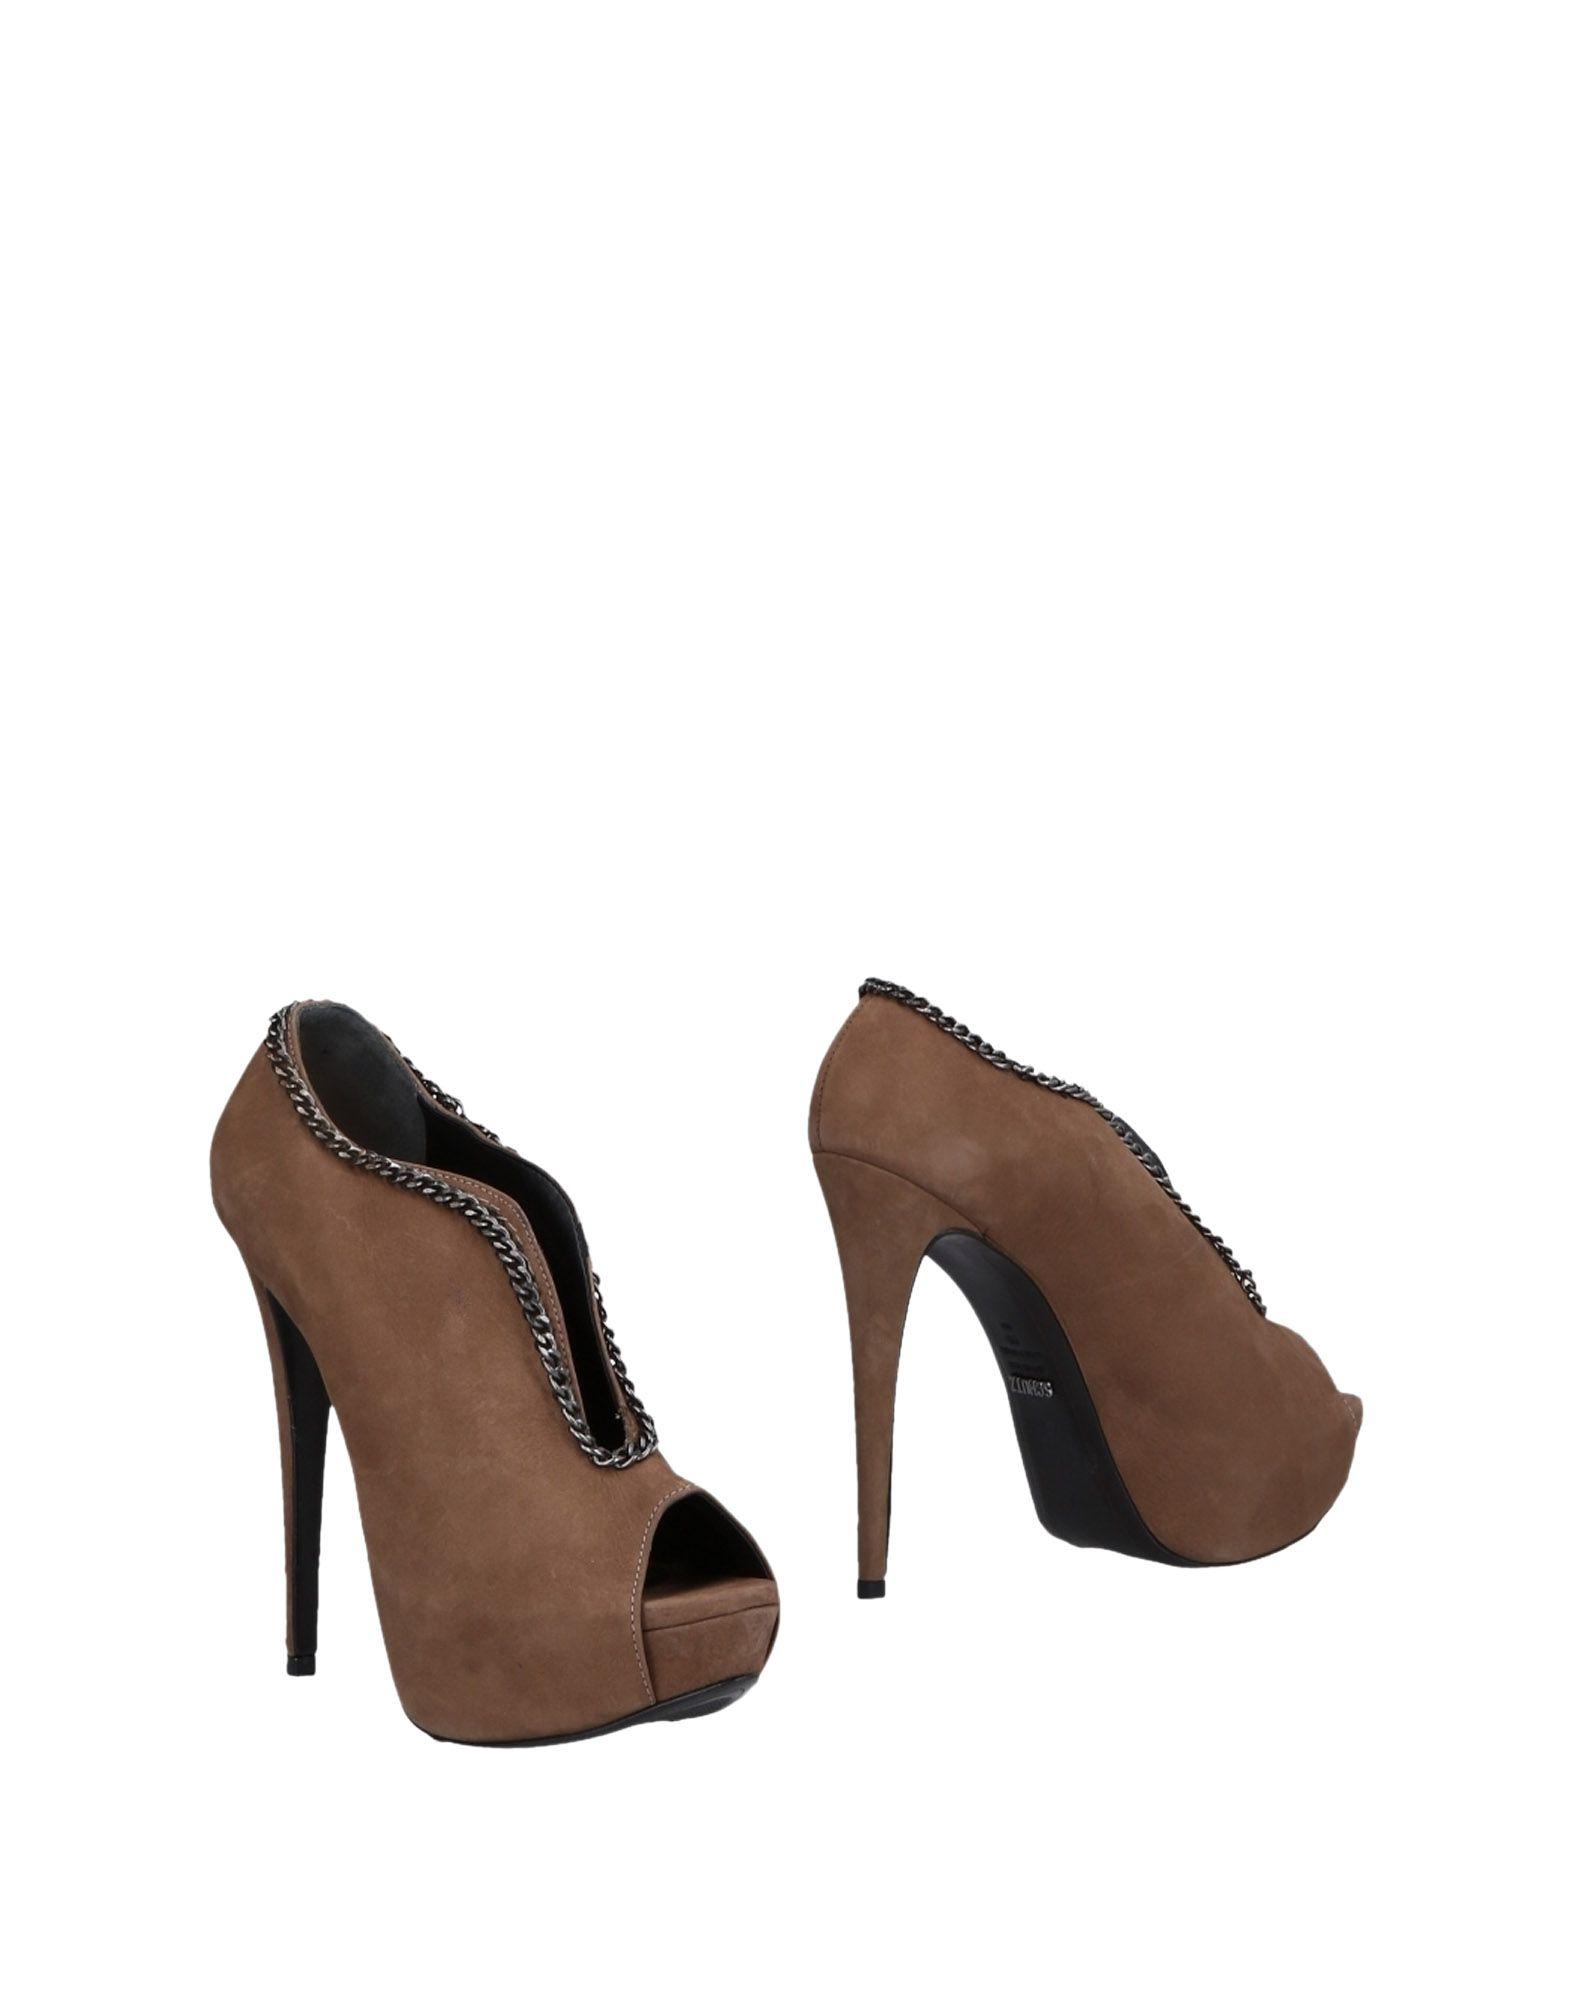 Moda Stivaletti Schutz Donna - 11475901WW 11475901WW - db4db5